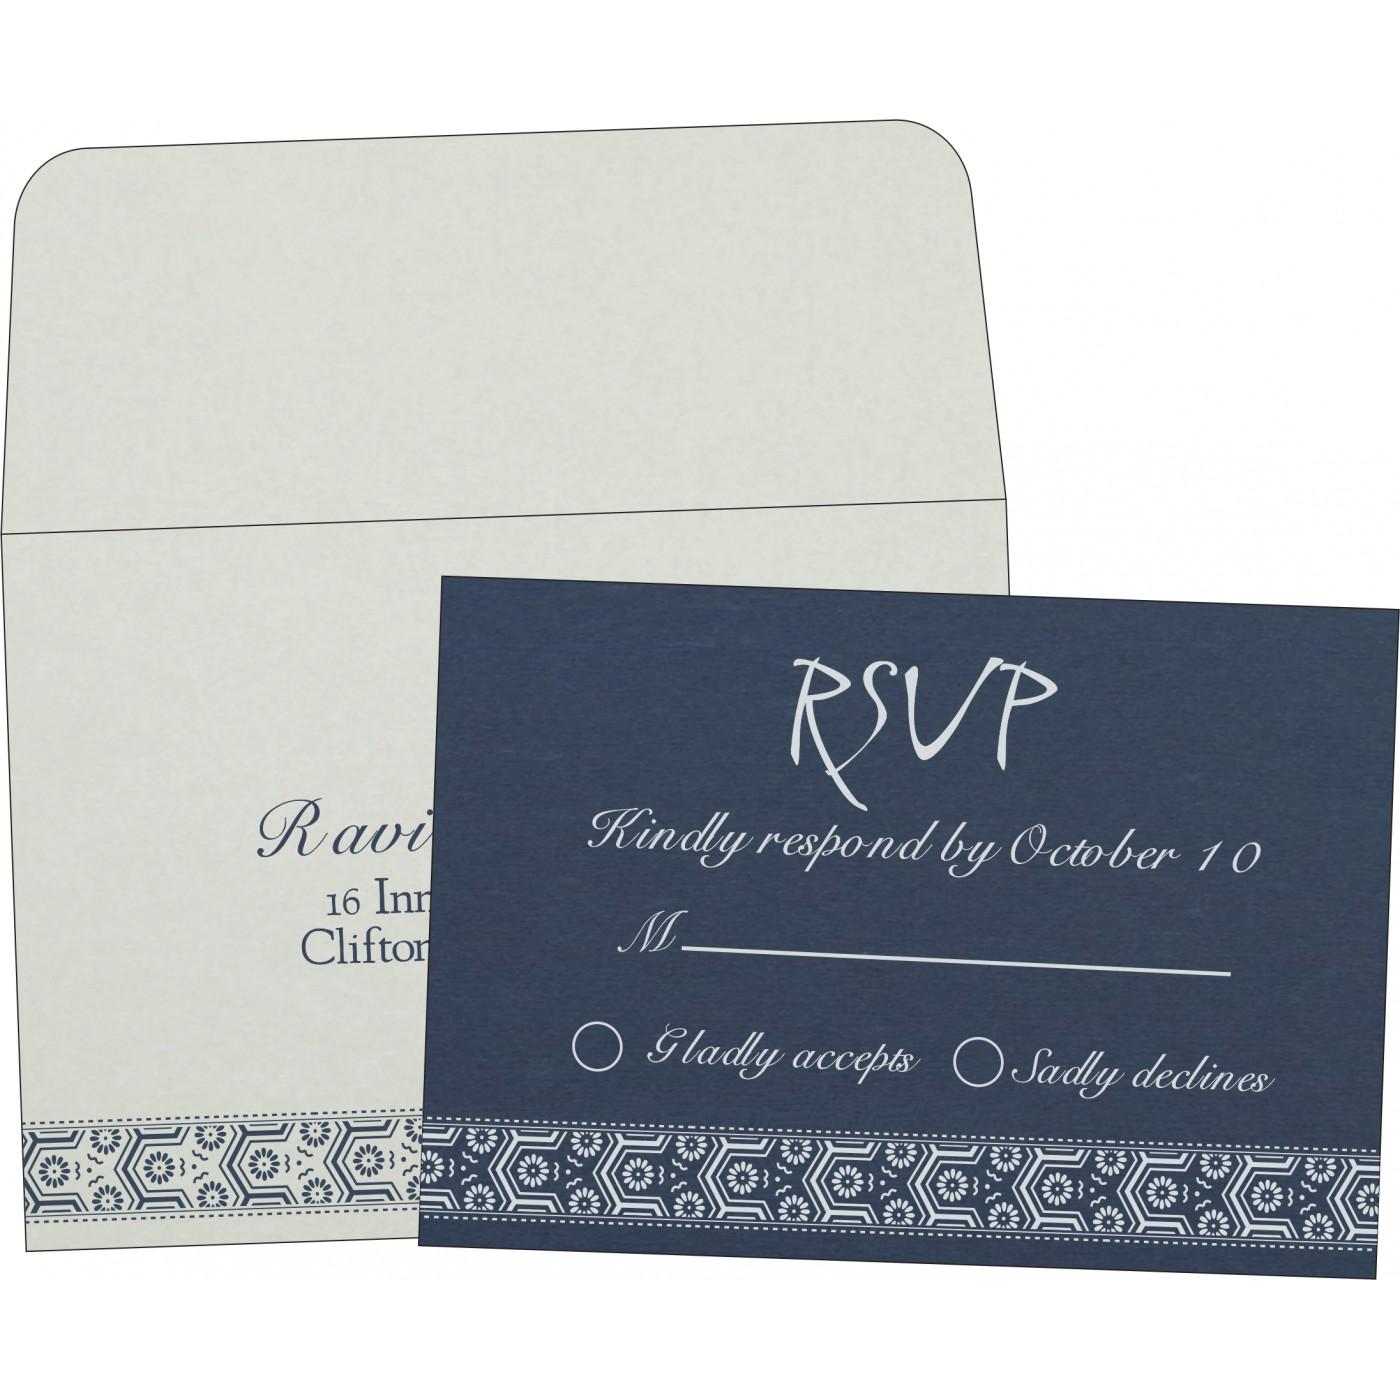 RSVP Cards - RSVP-5014D